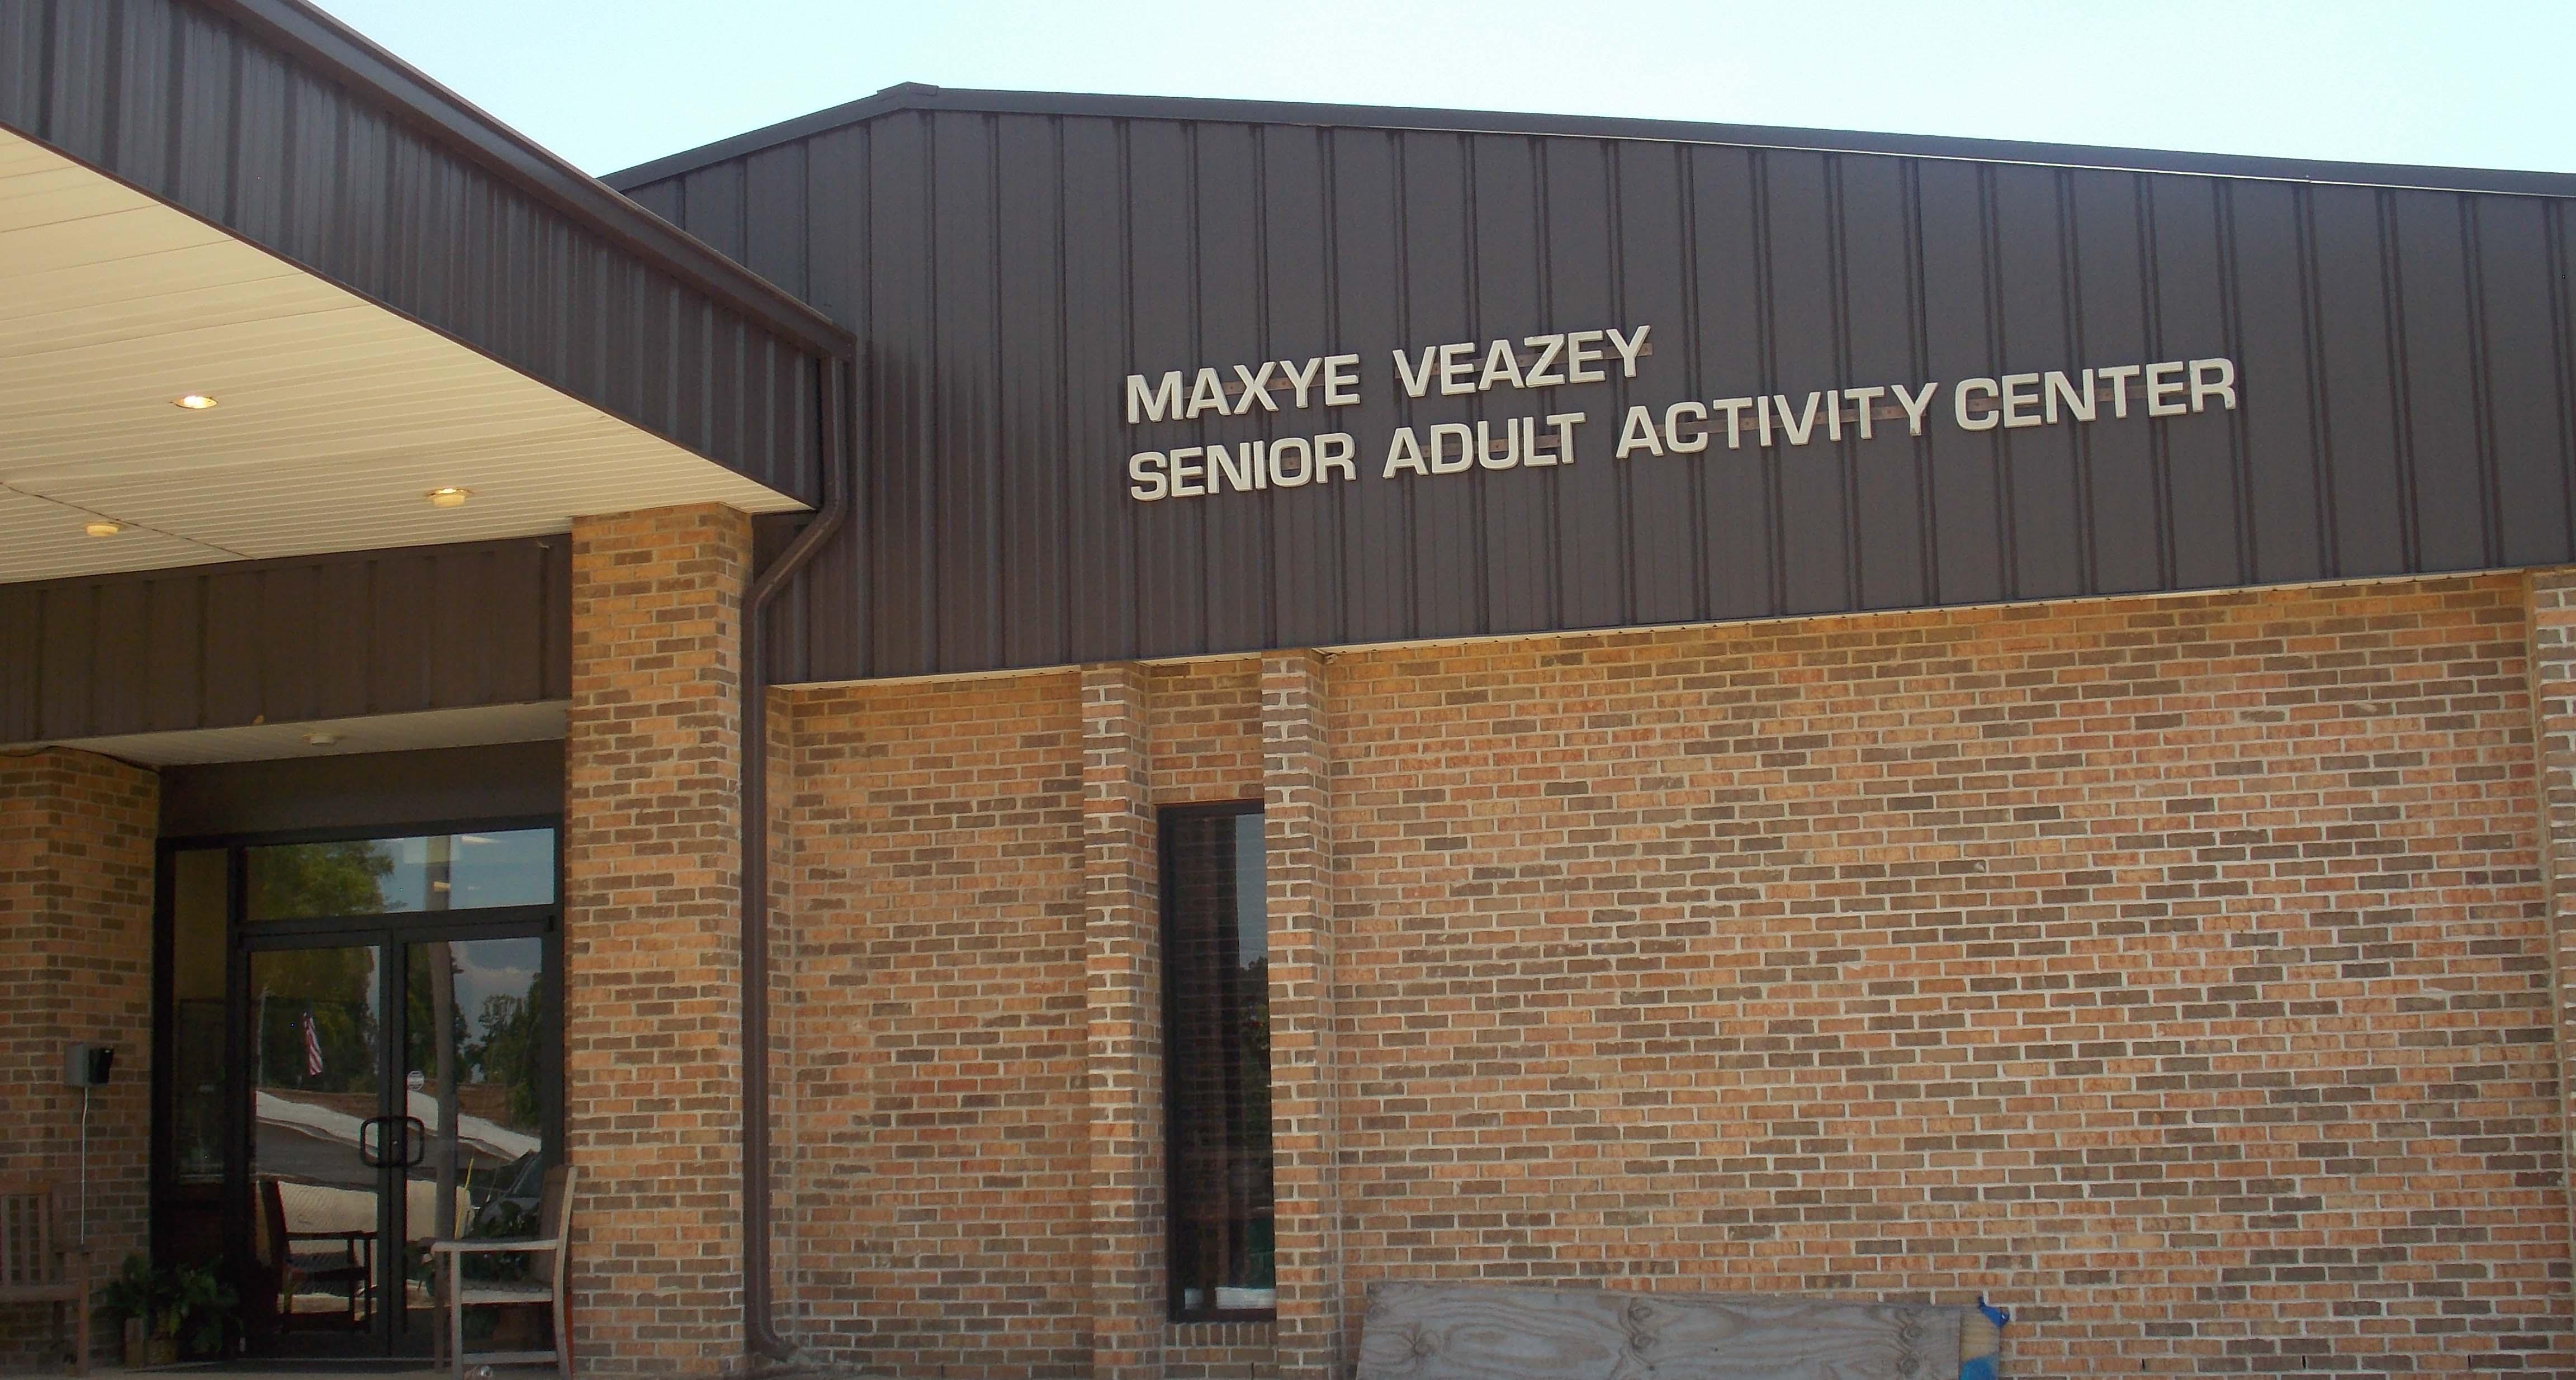 420 adult activities